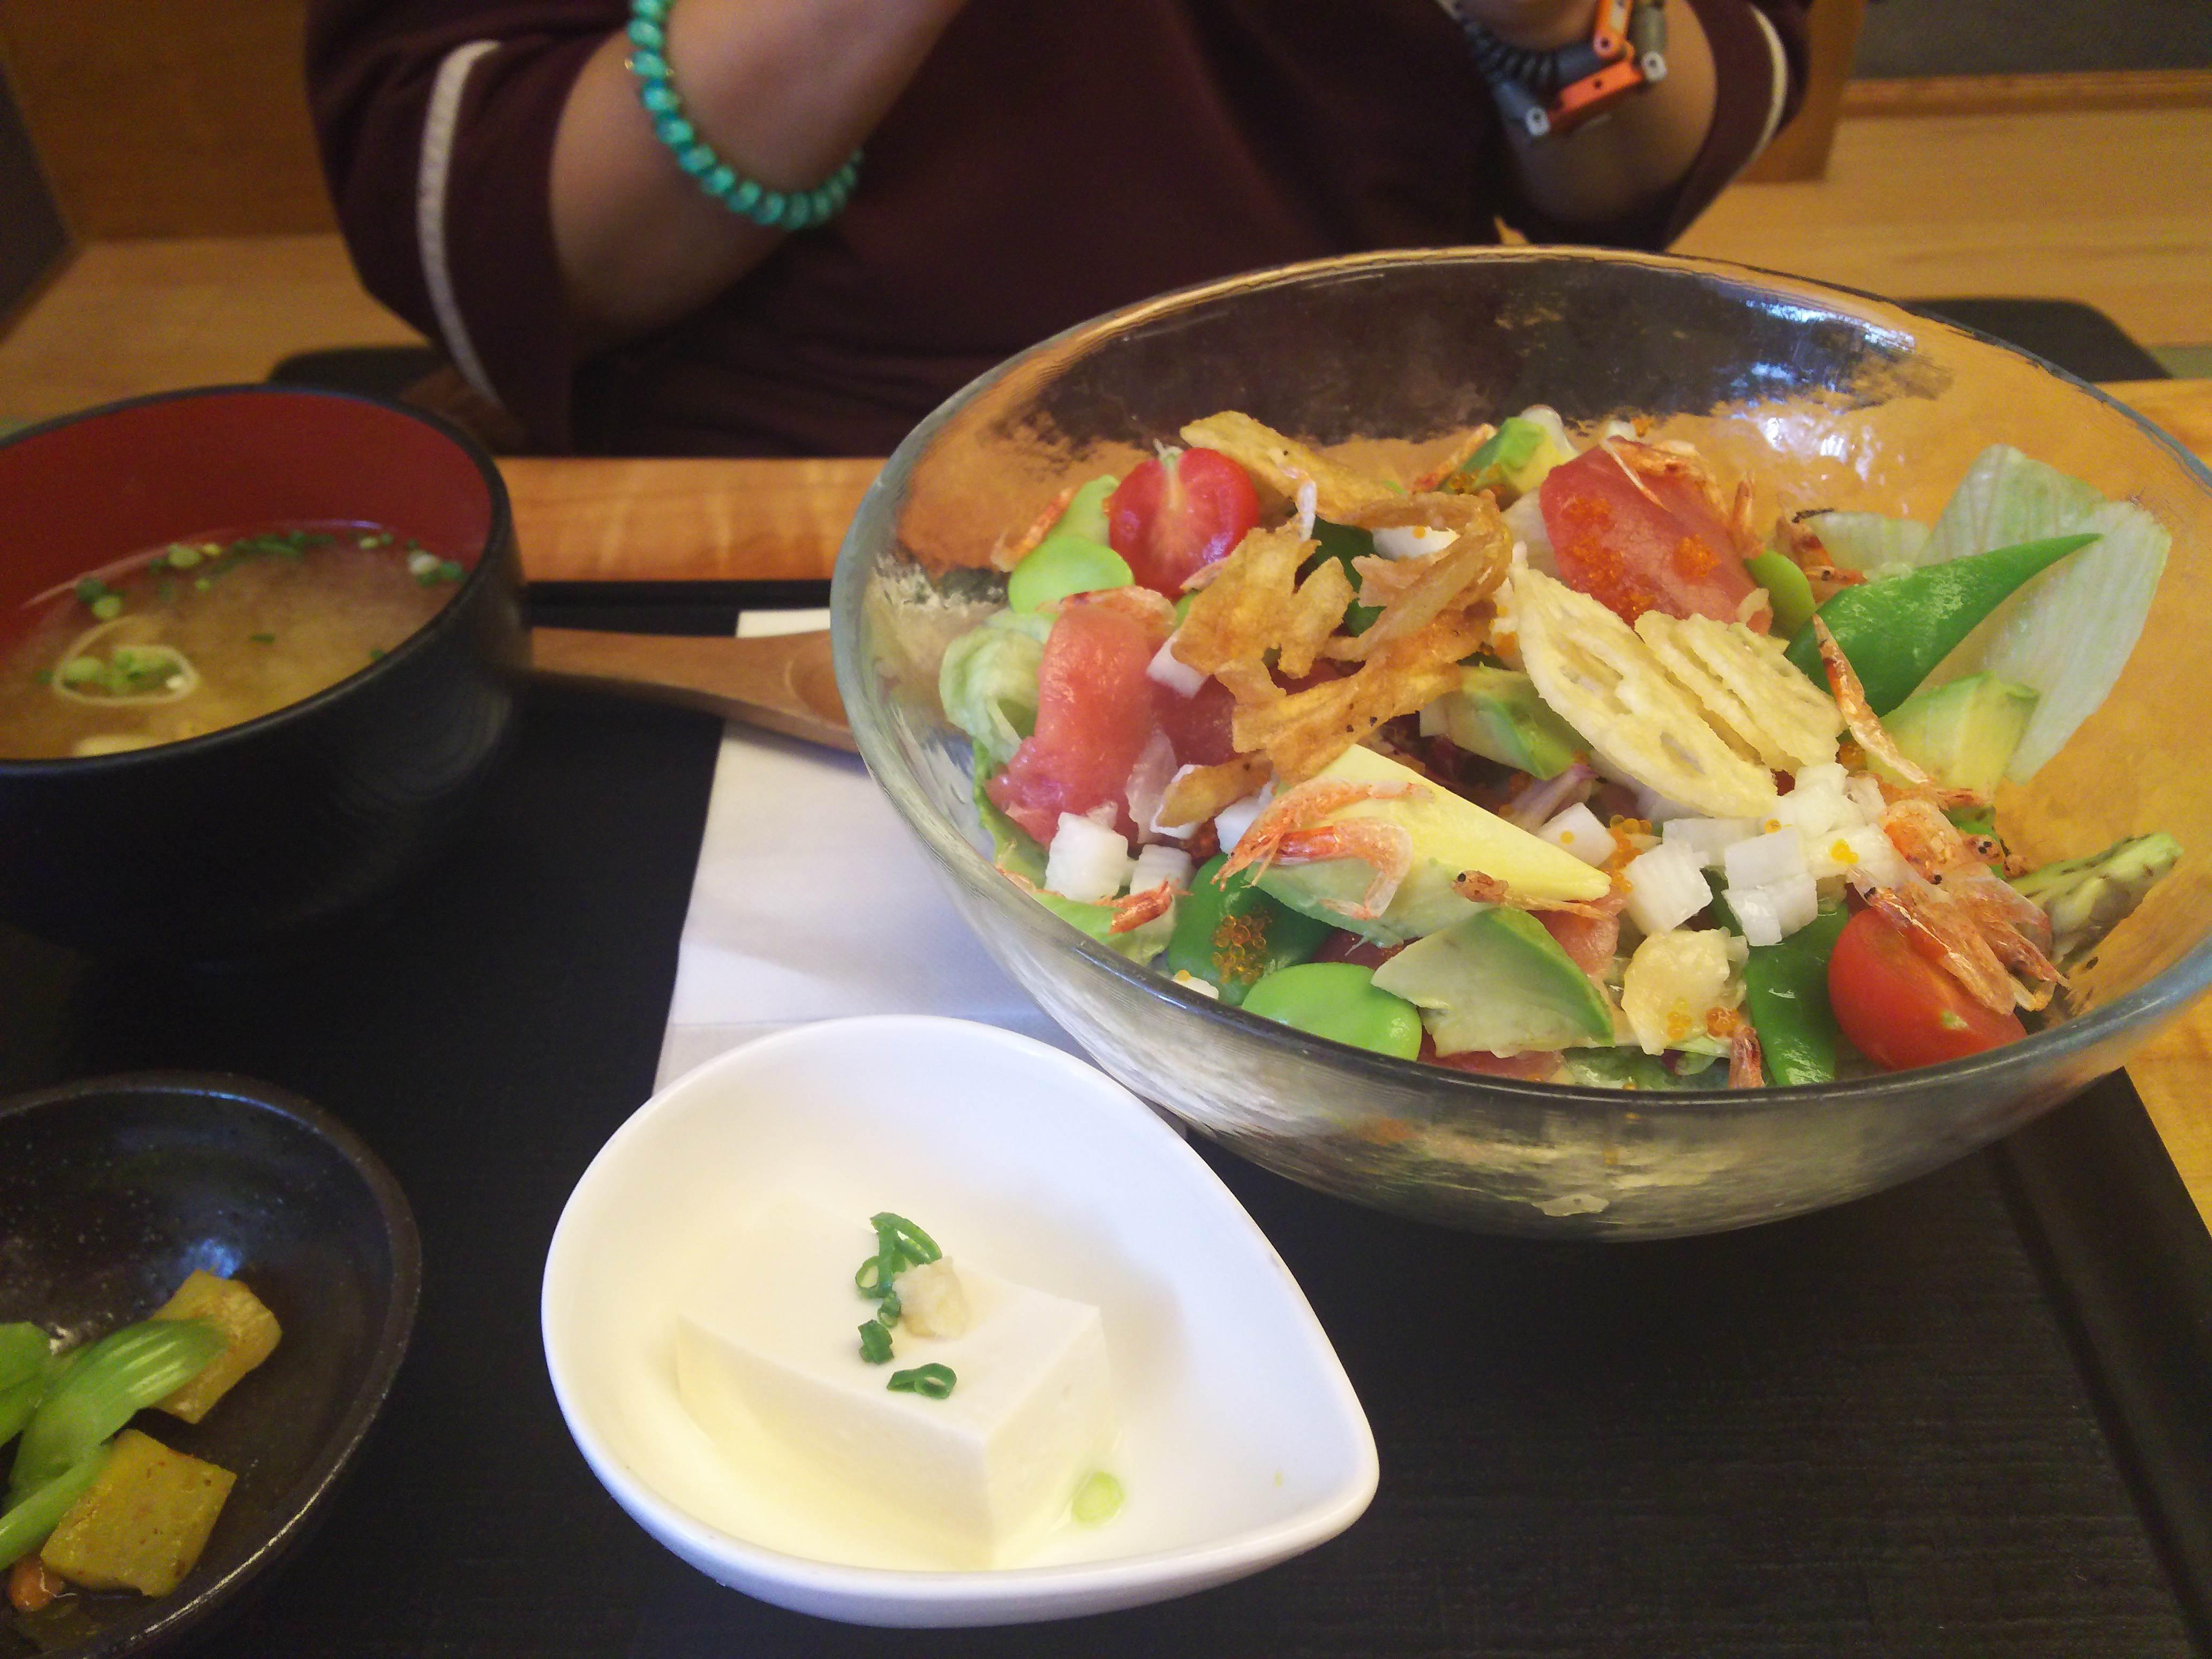 食べても太らない居村式入浴法/1DAY体験/入浴指導・お食事コンサル付き☆のイメージその4